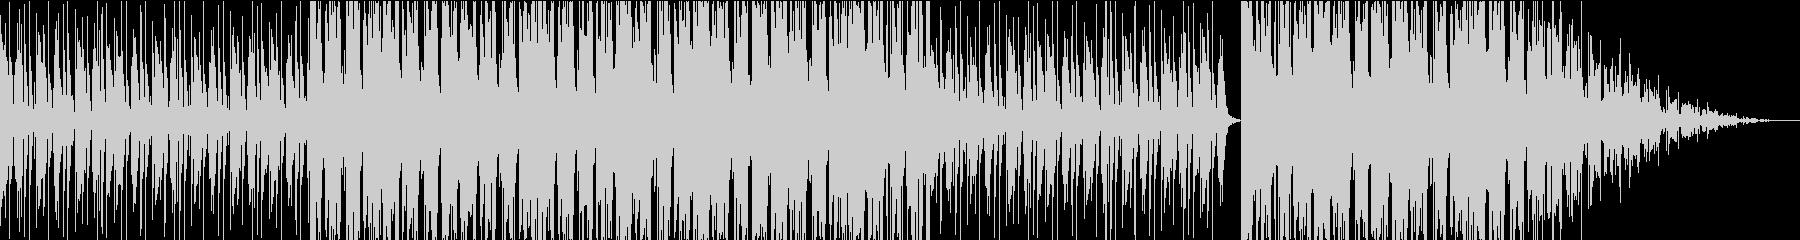 突然雰囲気が変化するBGMの未再生の波形